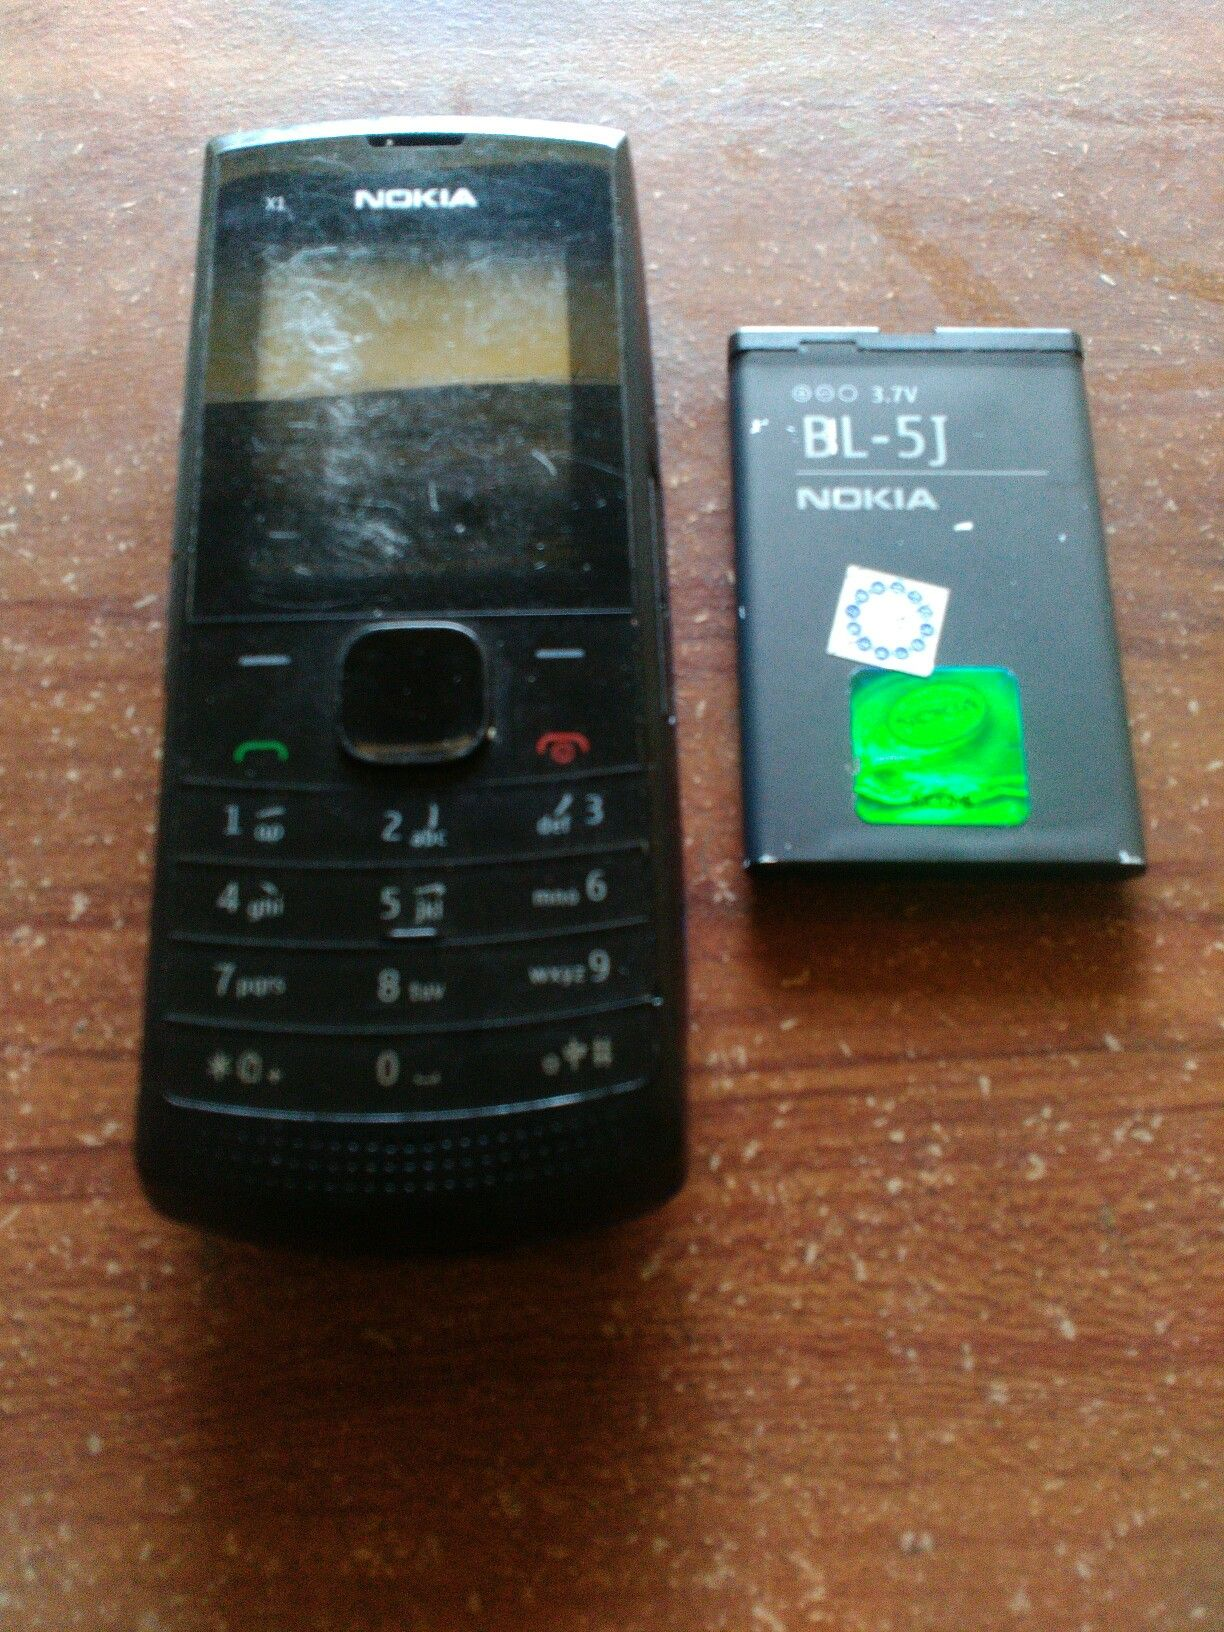 Nokia 7280: review, photos, specs, instruction